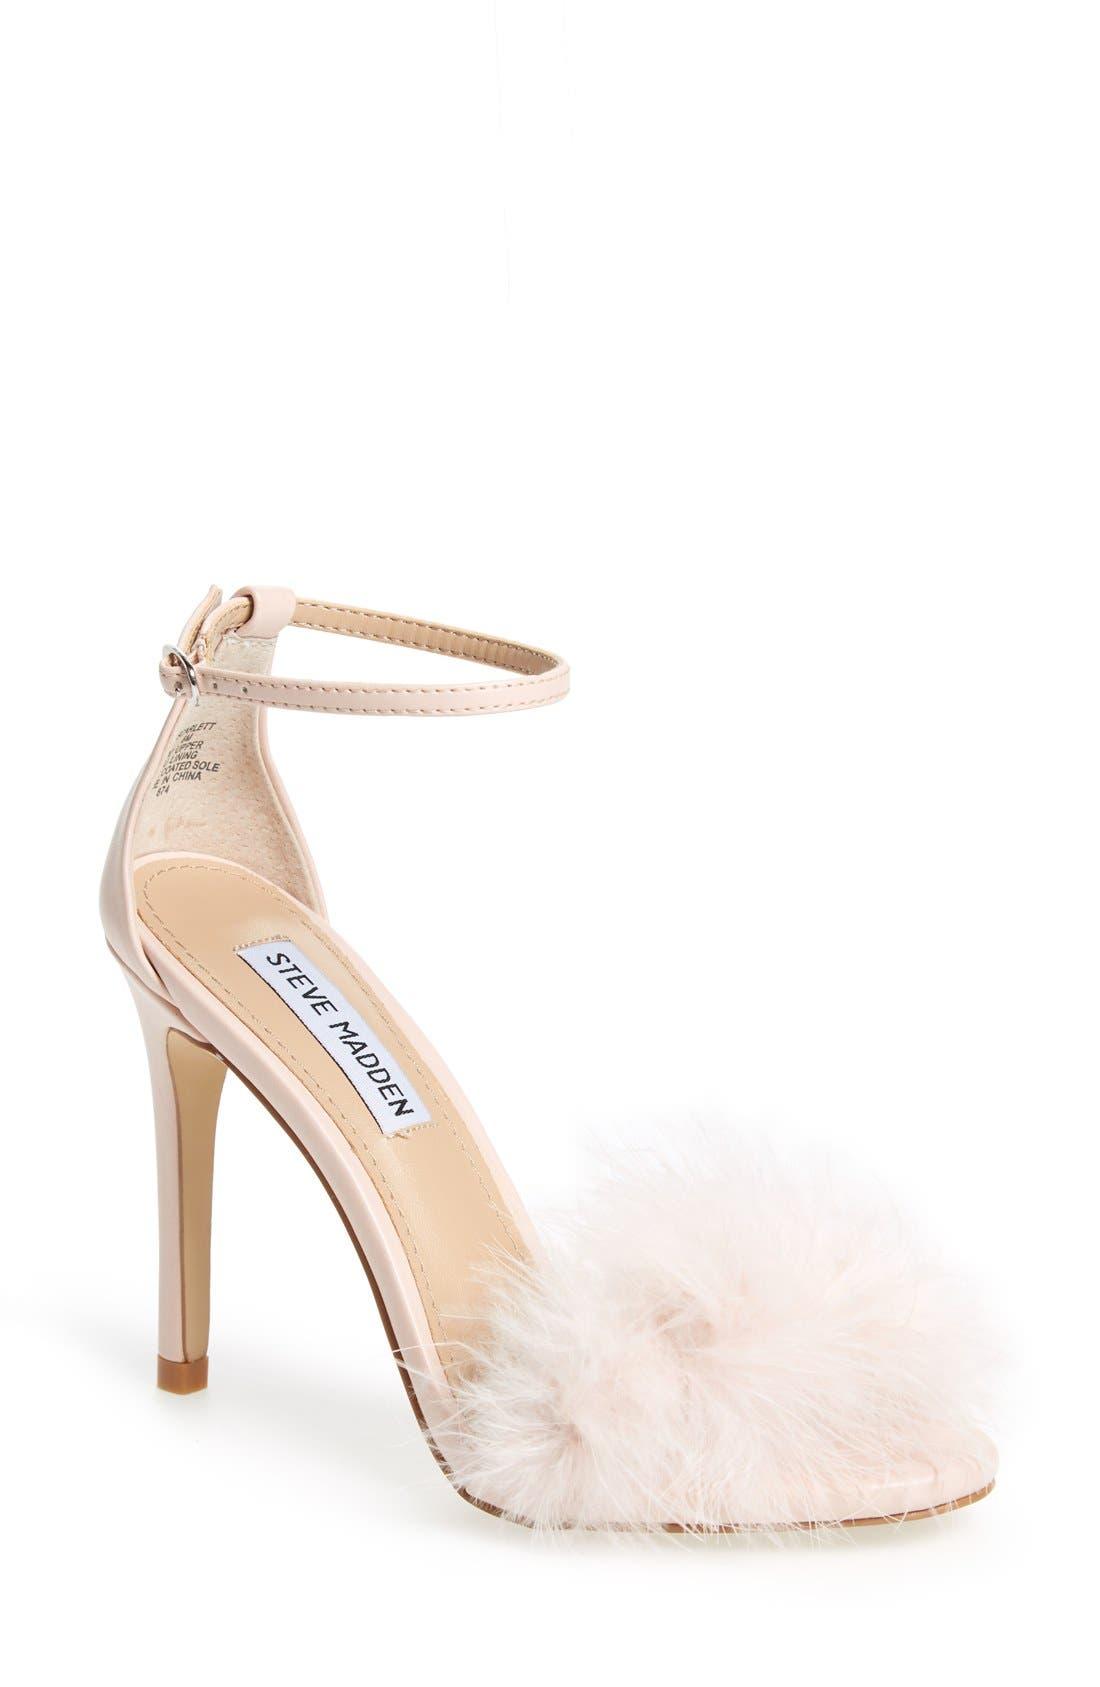 Main Image - Steve Madden 'Scarlett' Marabou Evening Sandal (Women)